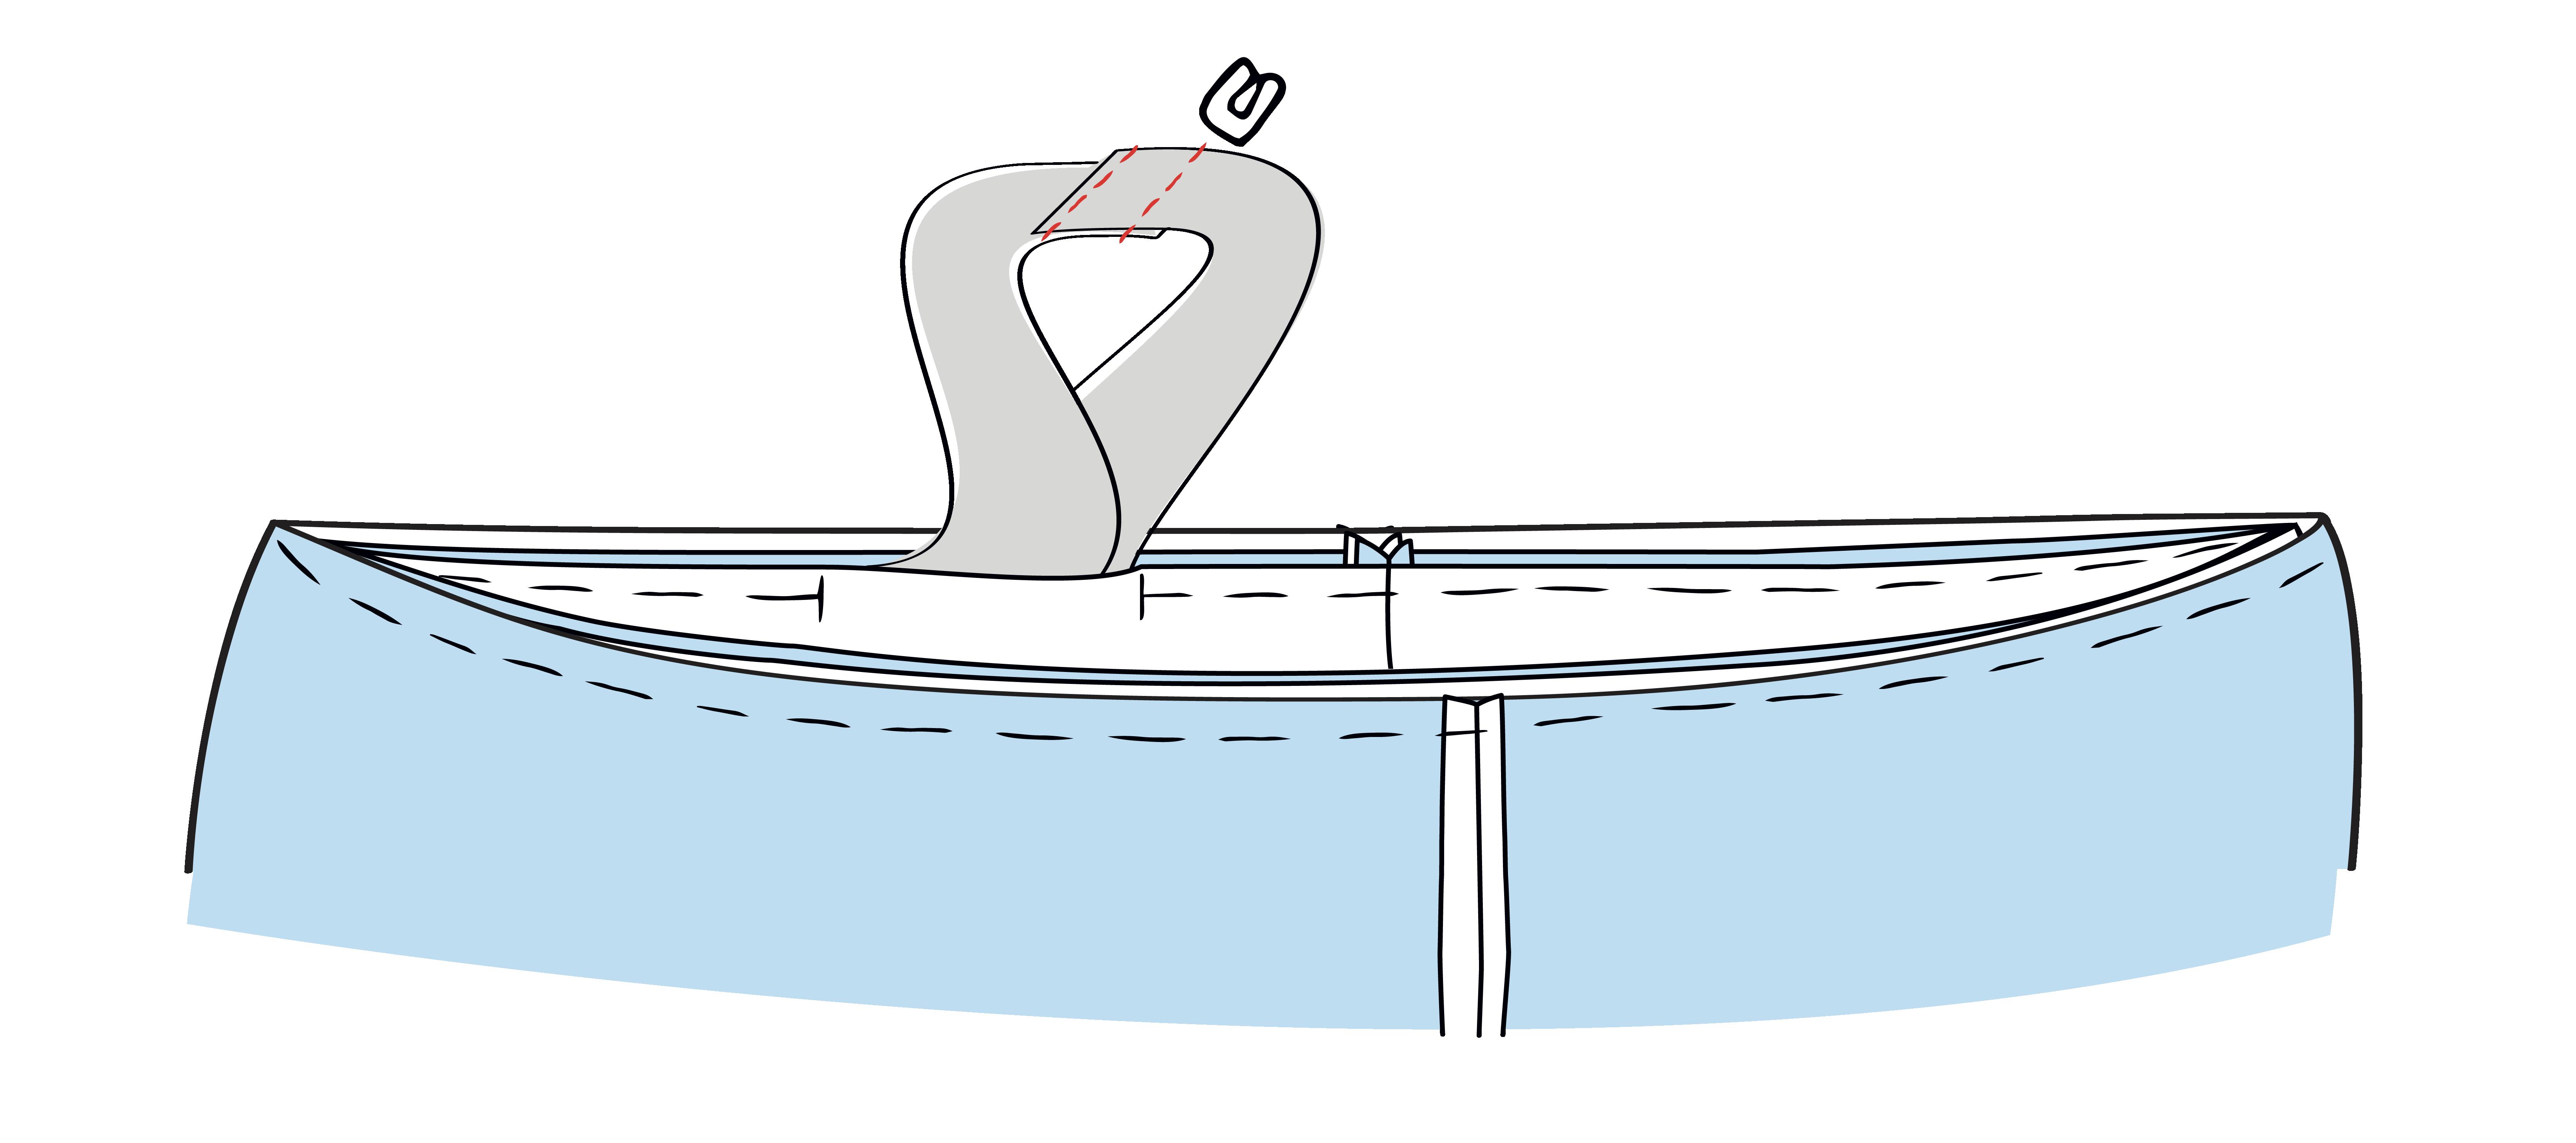 Die Gummiband-Enden werden 2 cm überlappend flach aufeinander gelegt und zusammengenäht